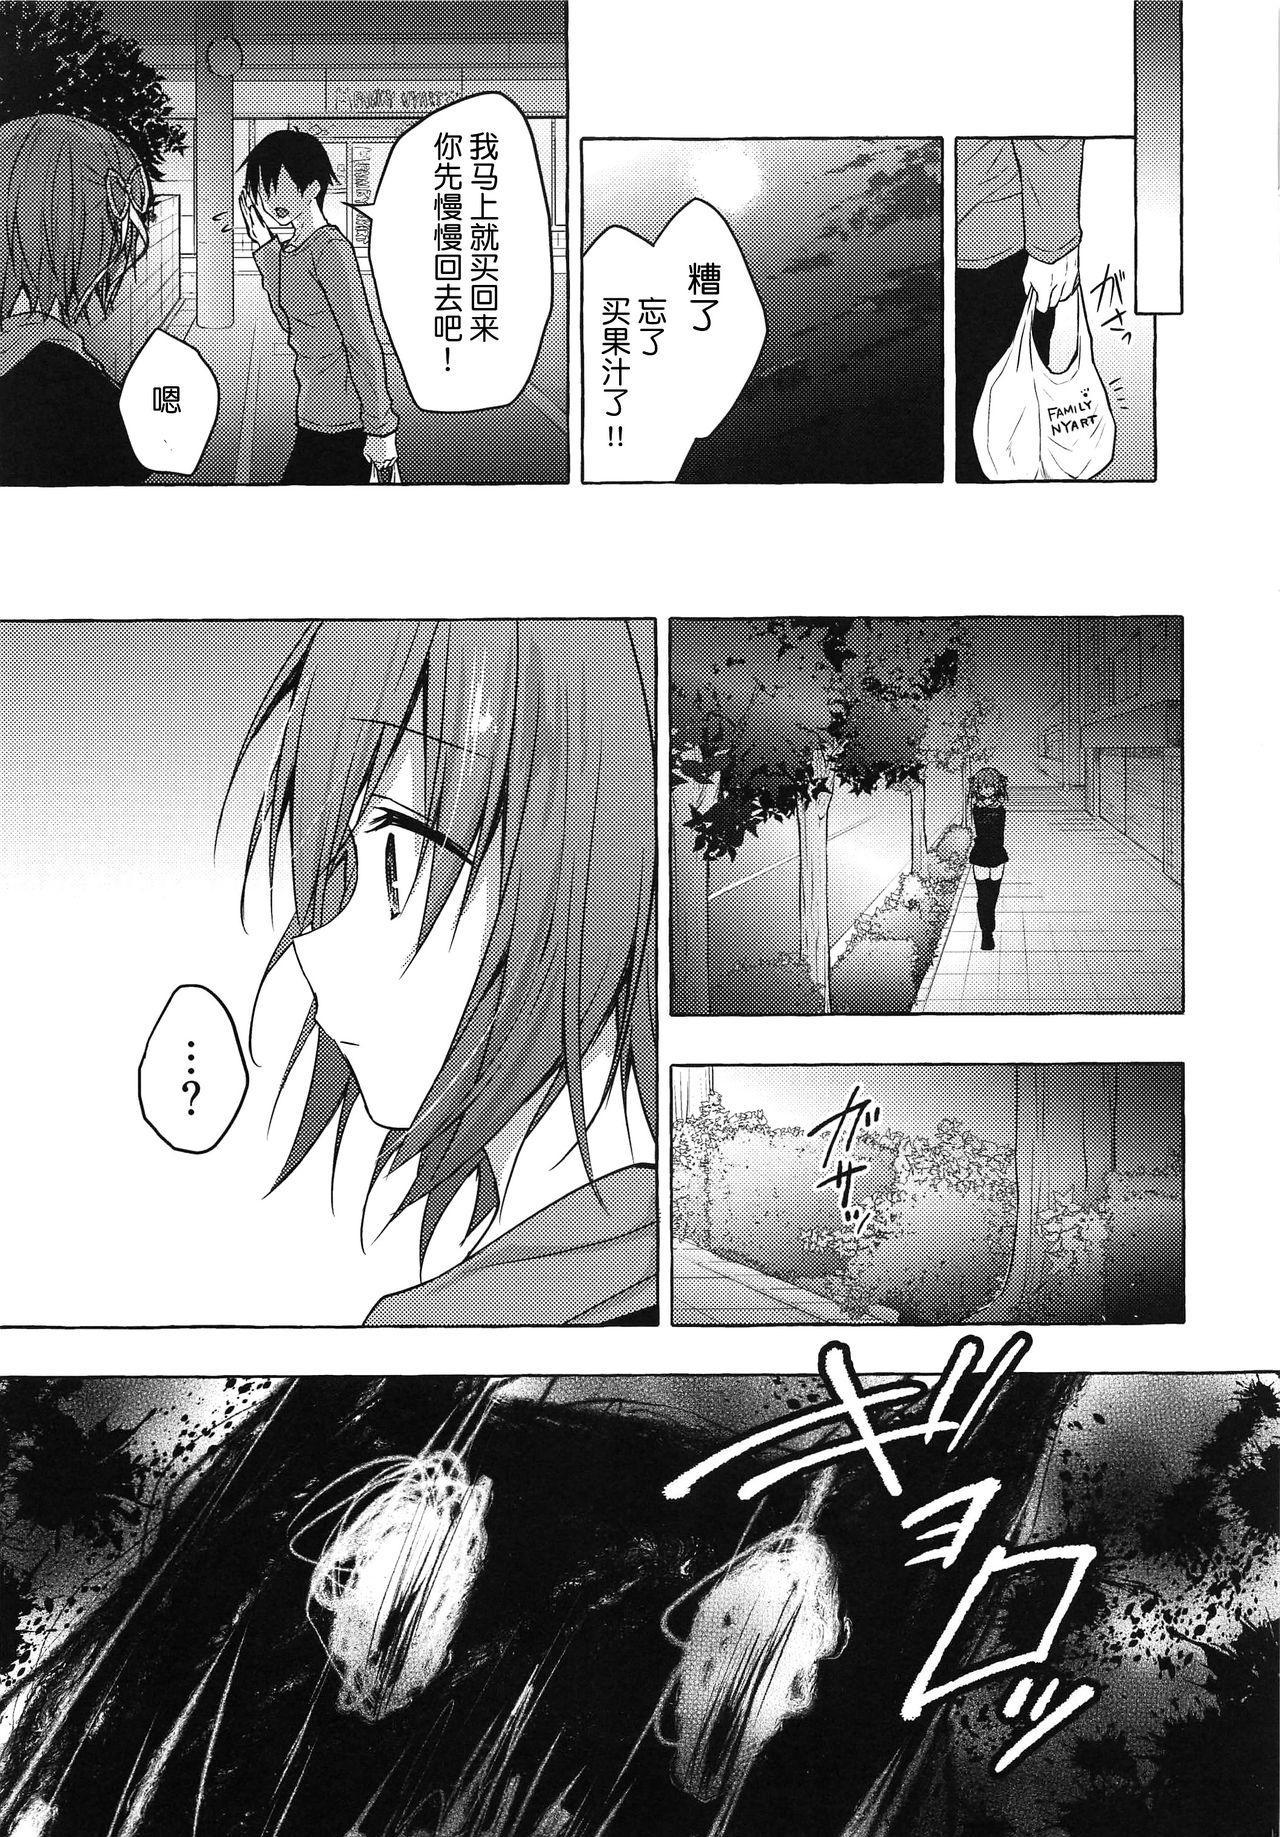 (COMIC1☆15) [KINOKONOMI (konomi)] Nyancology 8 -Otomari ni Kita Nekoda-san to no Himitsu- [Chinese] [路过的rlx个人练习汉化] 25